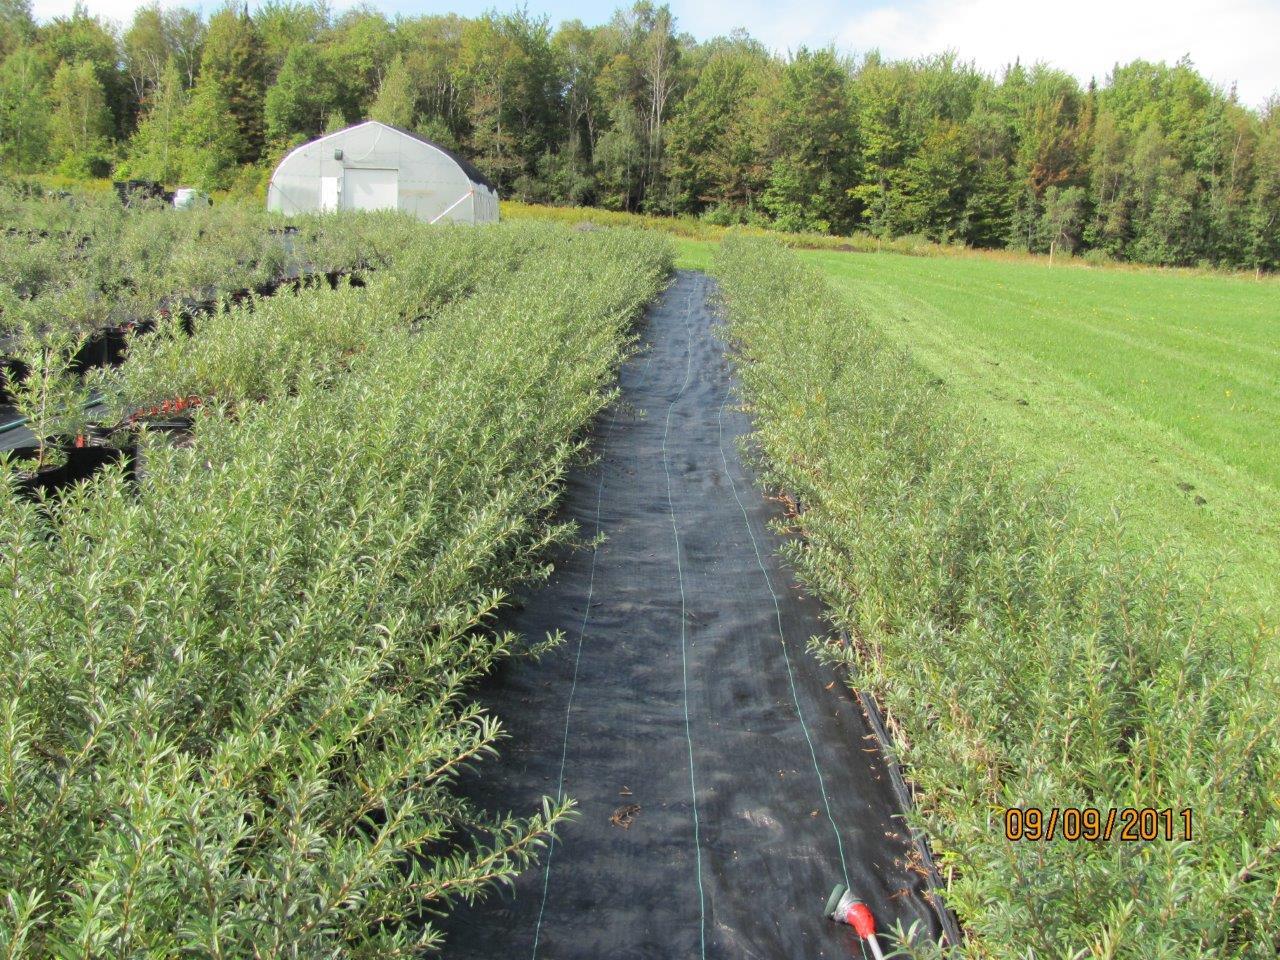 Plants d argousier vendre jardins de hatley - Plant de rhubarbe a vendre ...